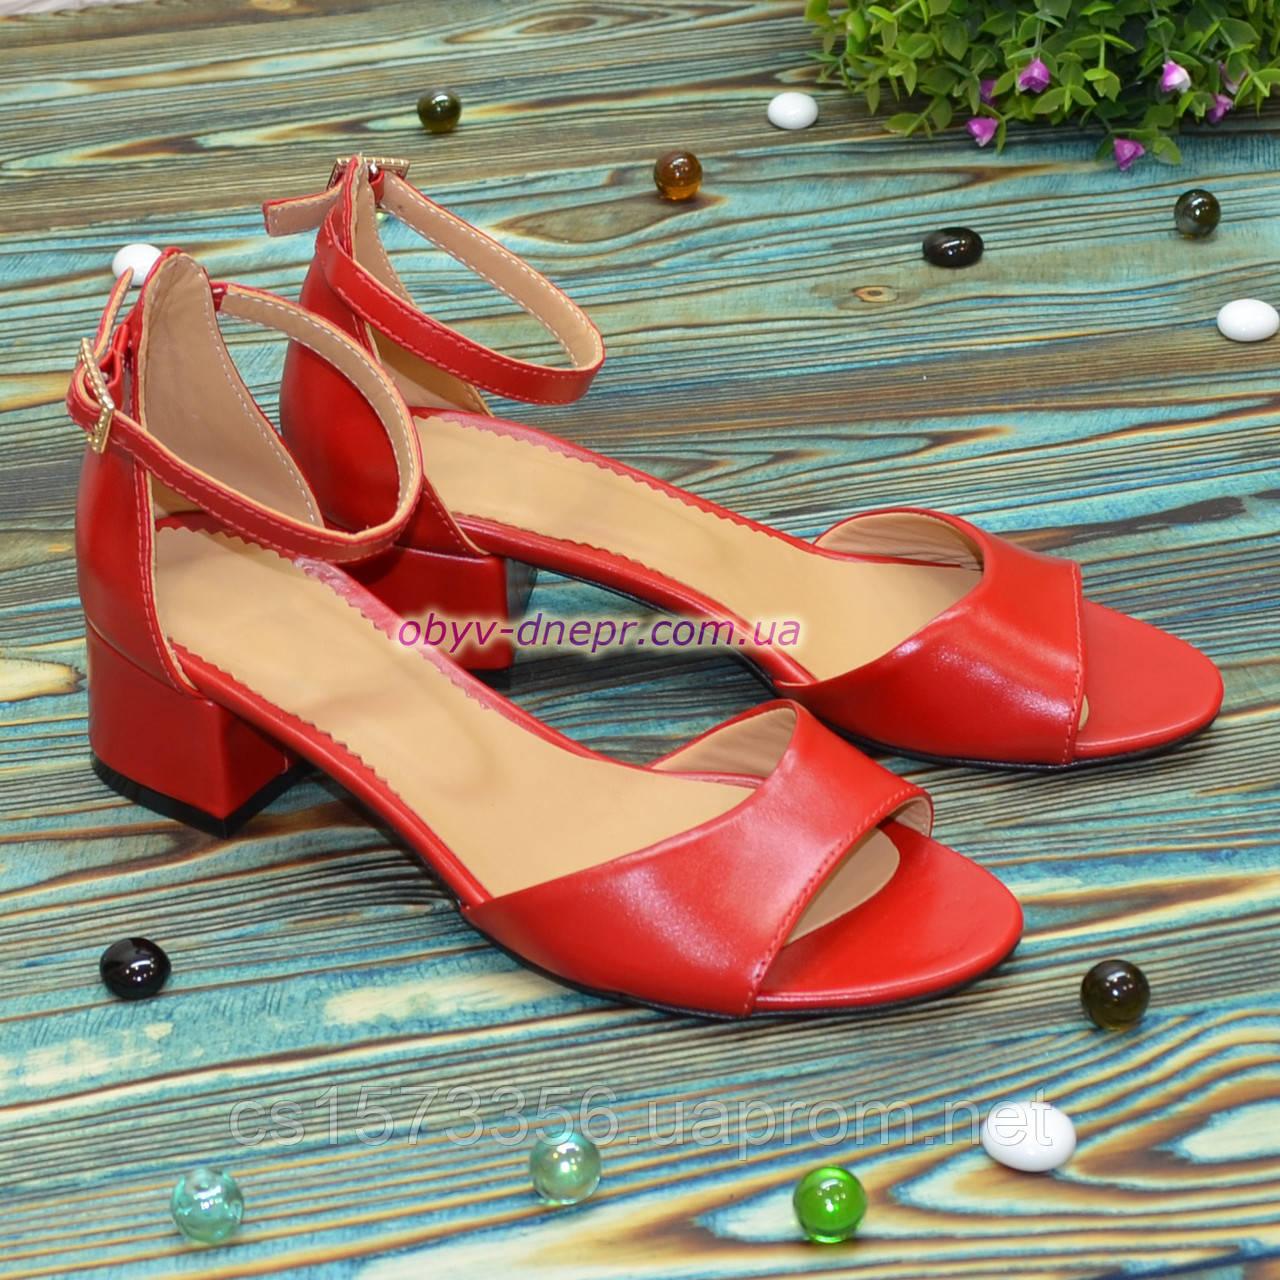 Босоножки женские кожаные на невысоком каблуке, цвет красный